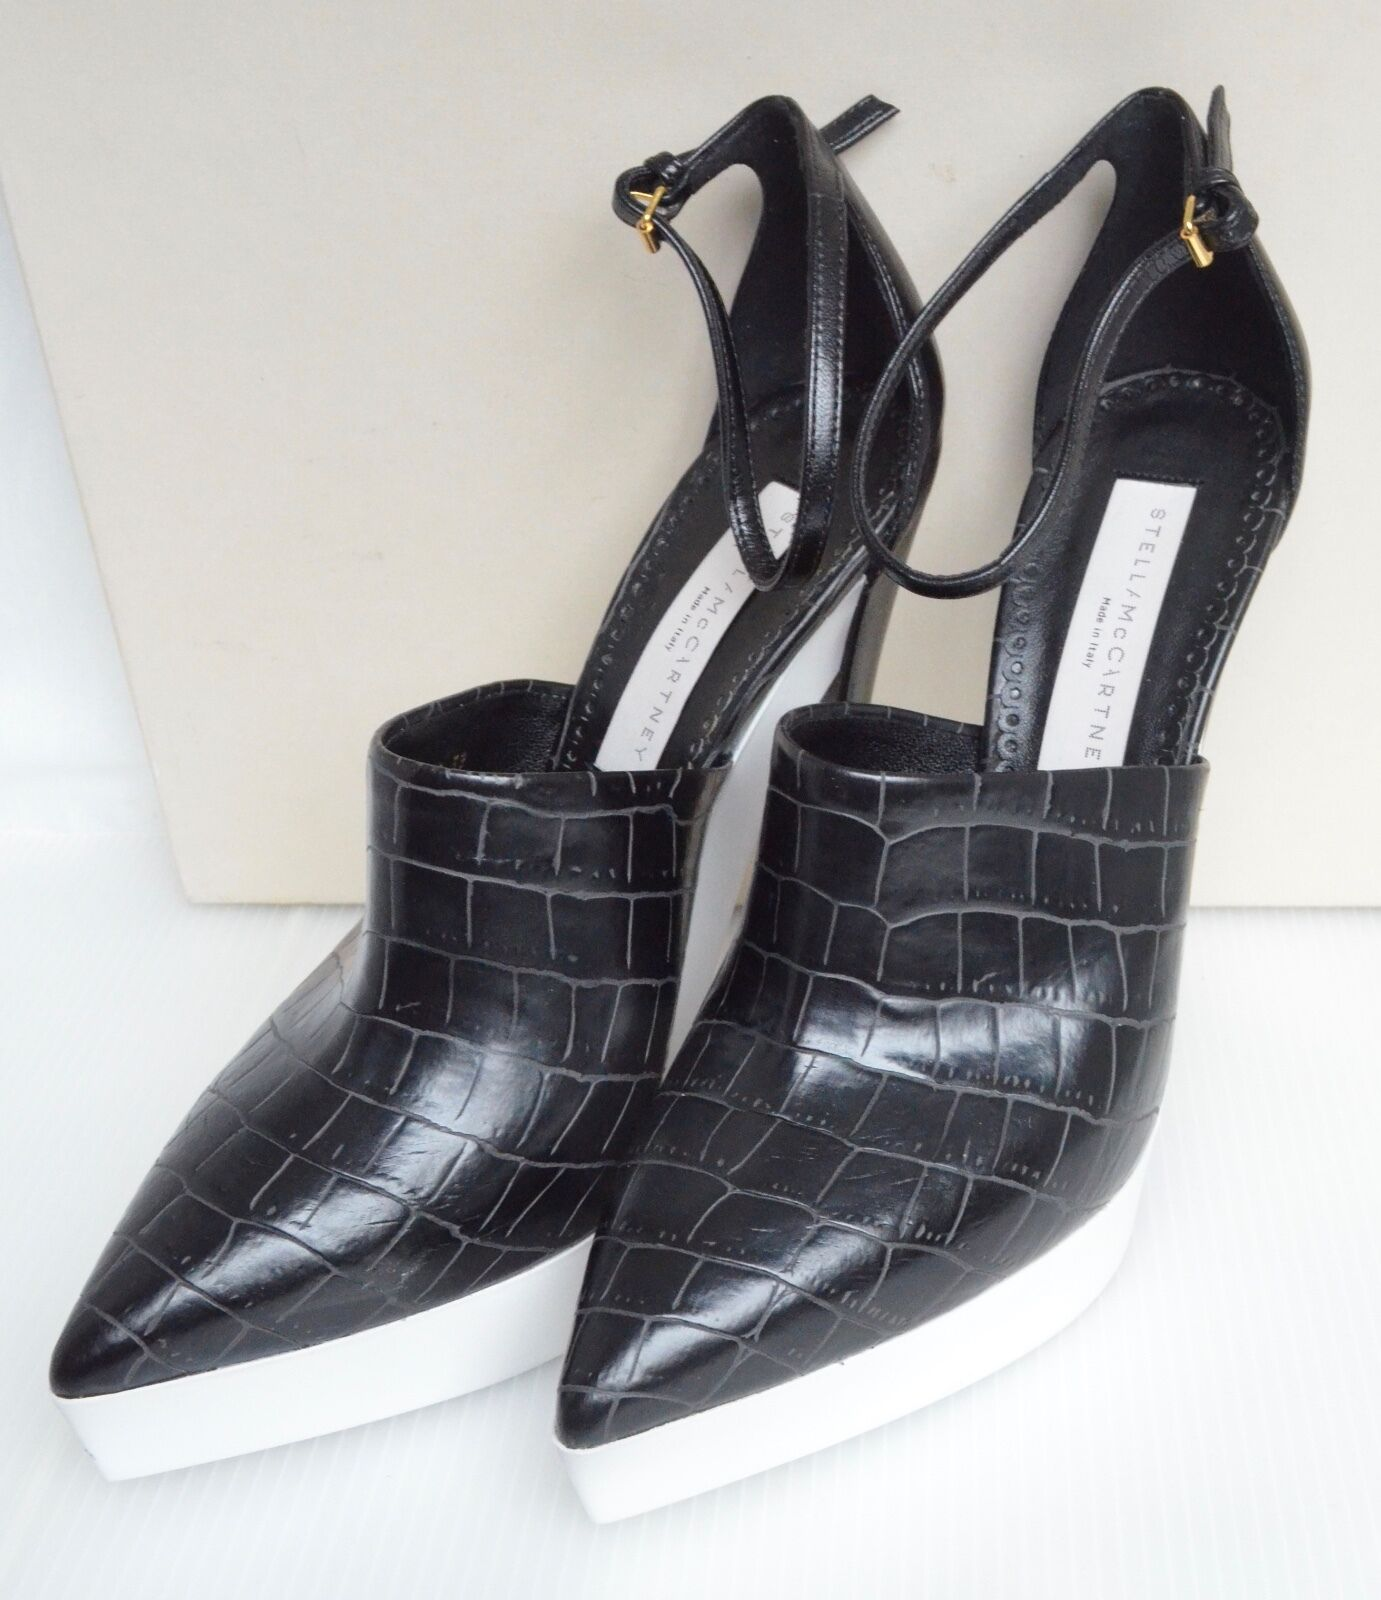 Stella McCartney Zapatos BK y blancoo Imitación Cocodrilo Nuevo y y y en caja Tamaño UK7, EU40, US 9  Todos los productos obtienen hasta un 34% de descuento.